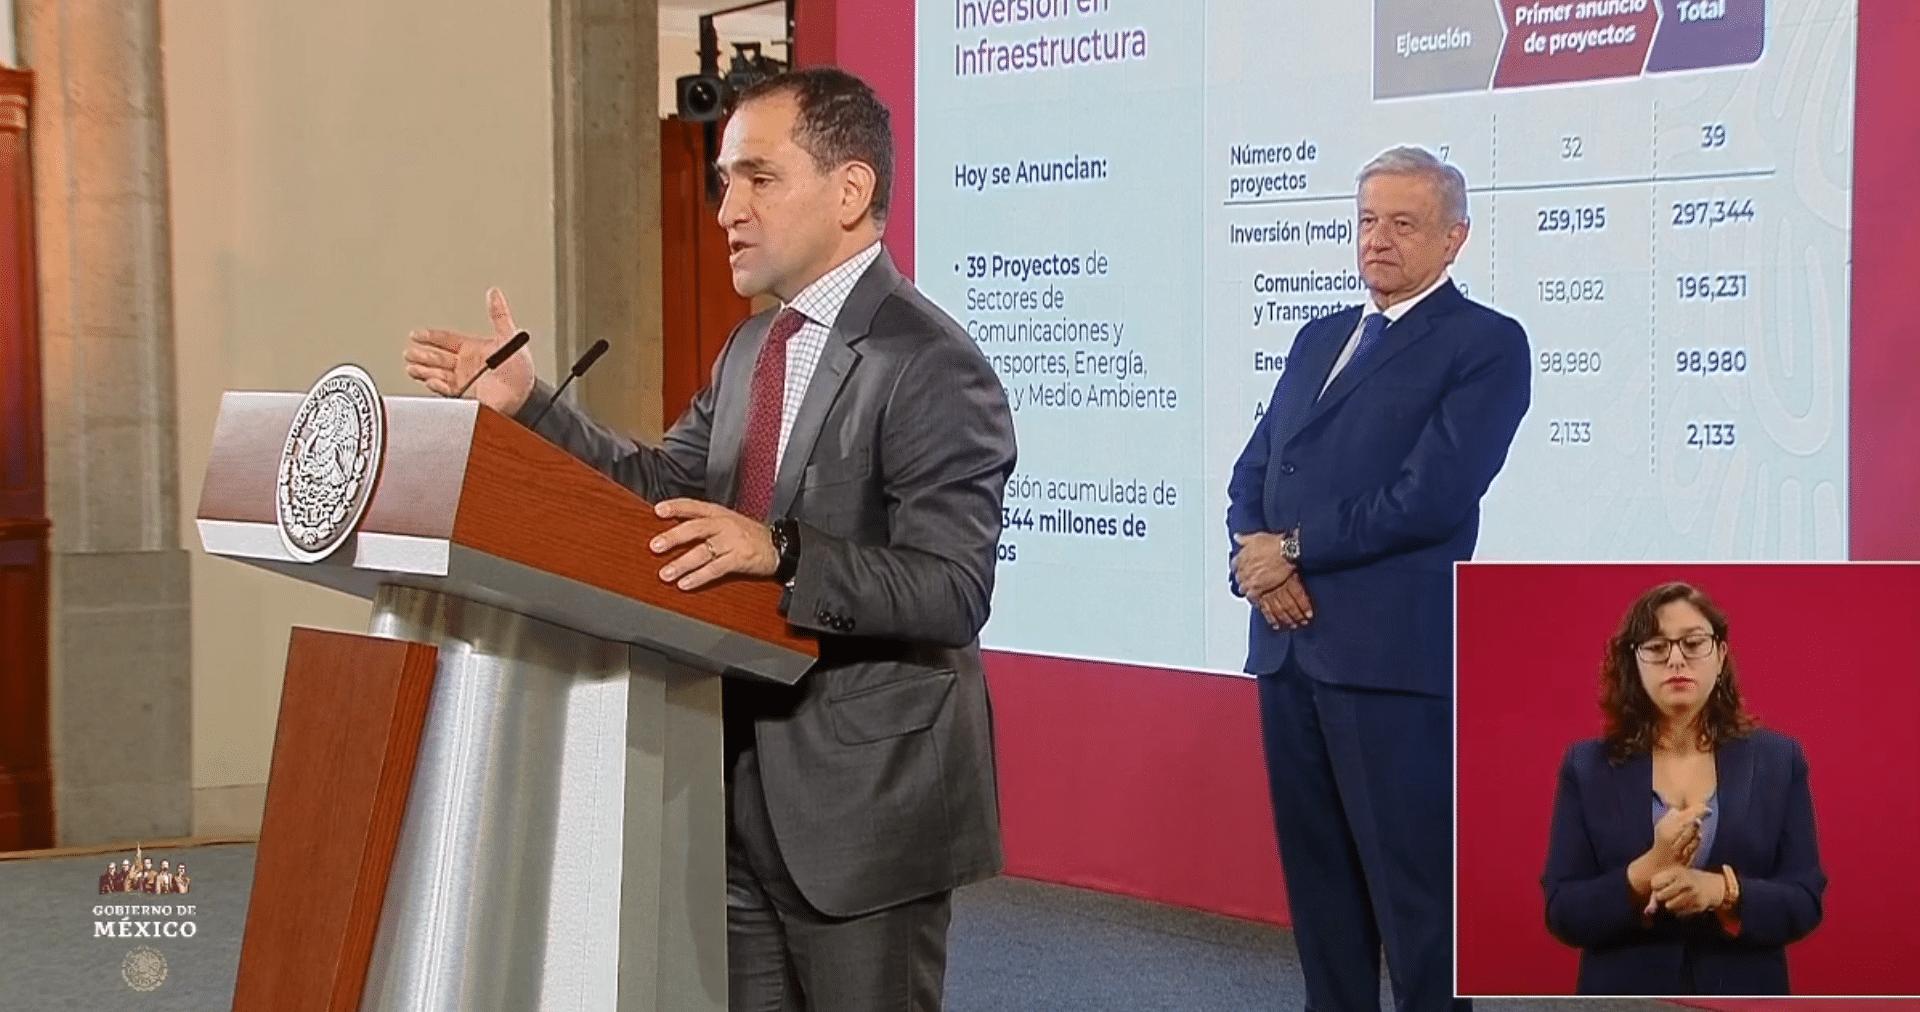 anuncian-39-proyectos-para-reactivar-la-economia-de-mexico